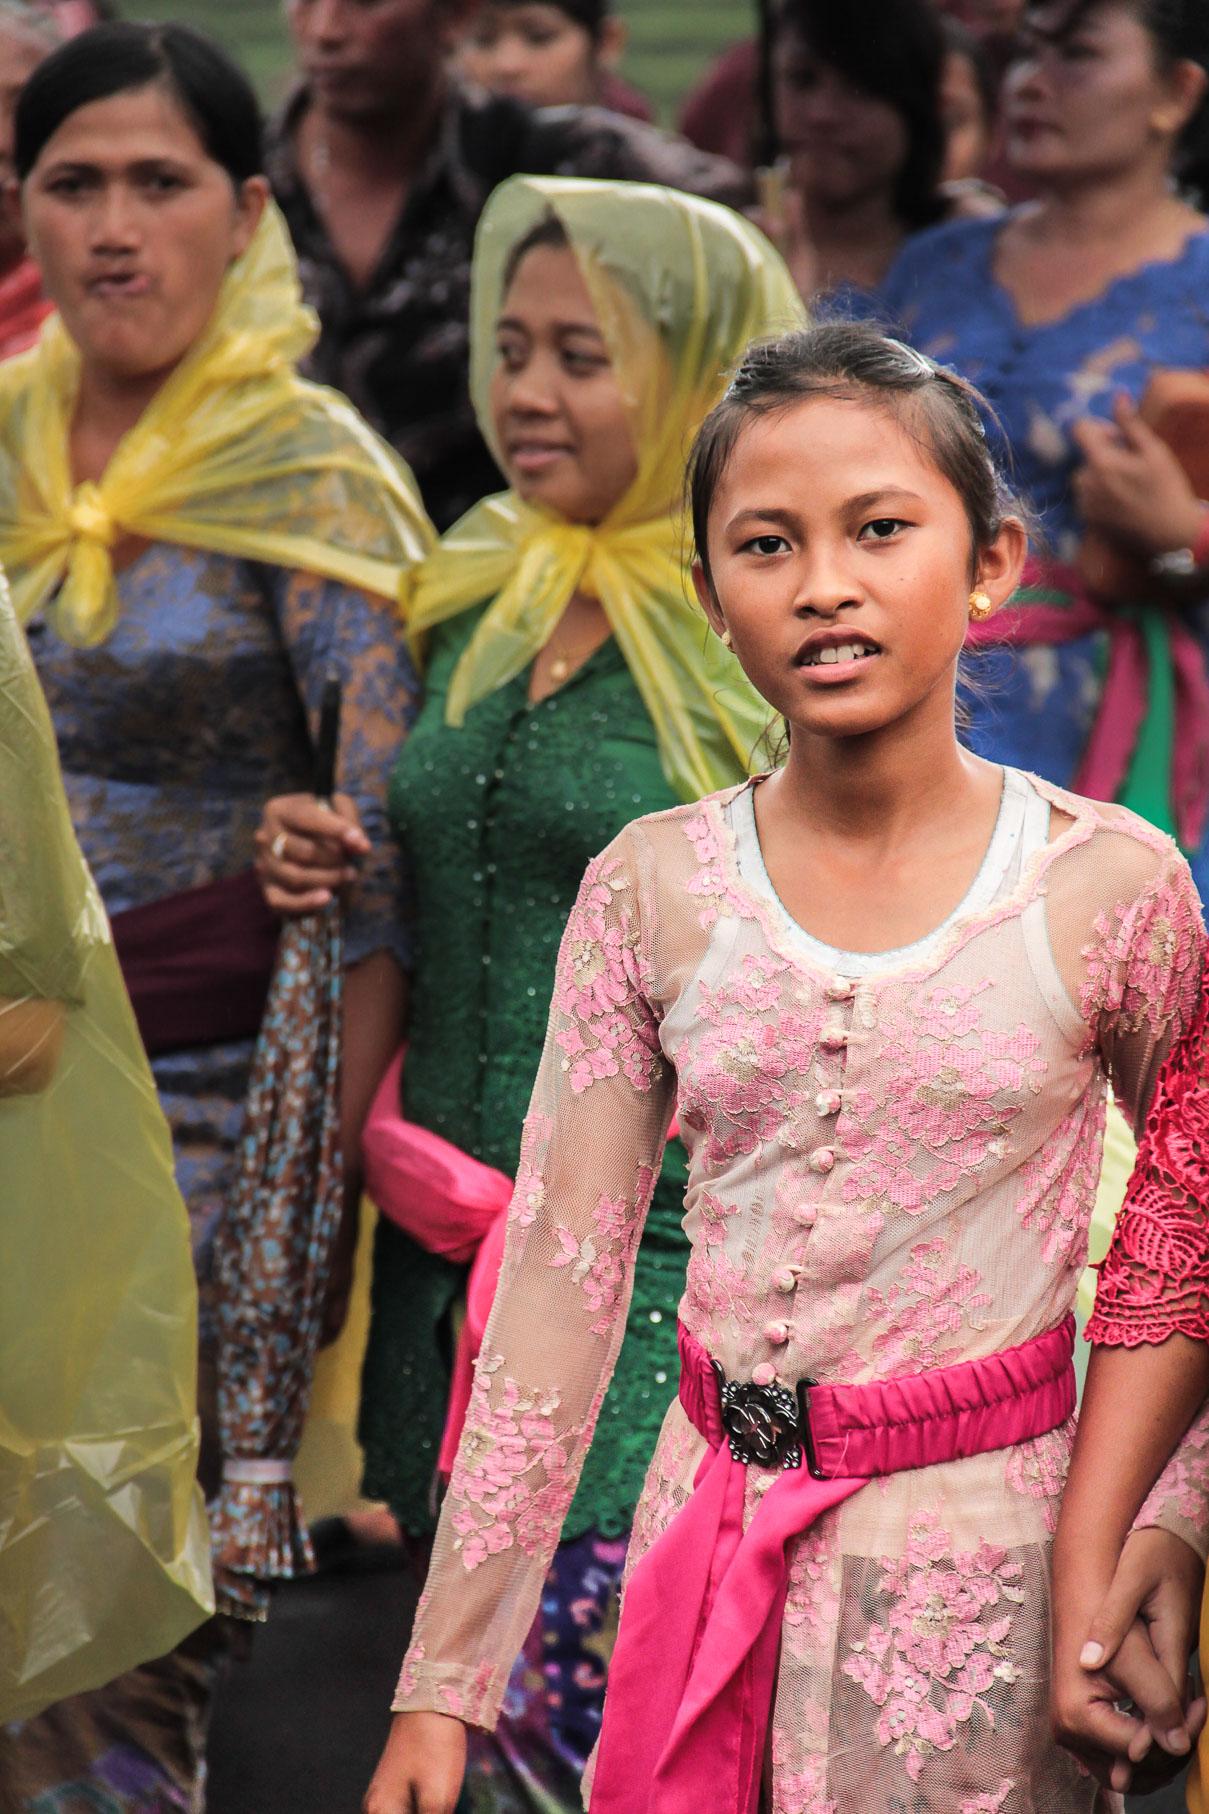 Jeune fille dans une procession dans un village à Bali